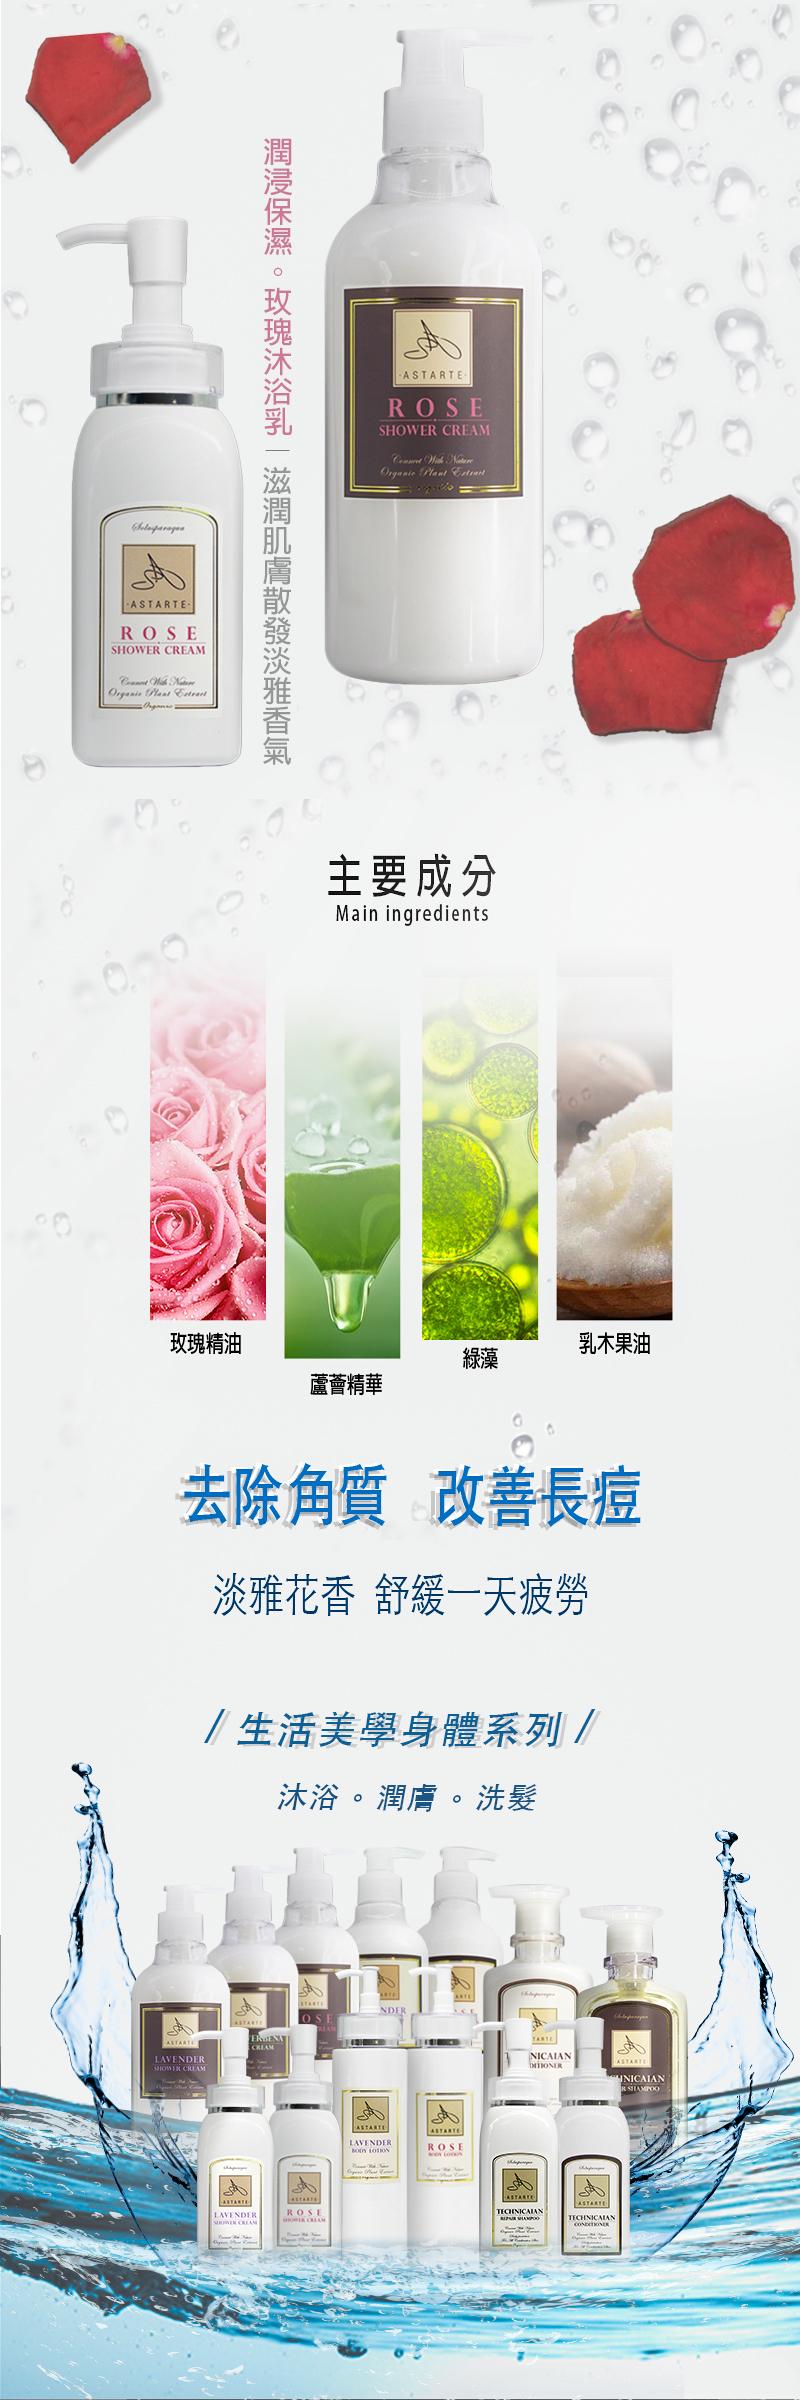 玫瑰沐浴乳EDM.jpg